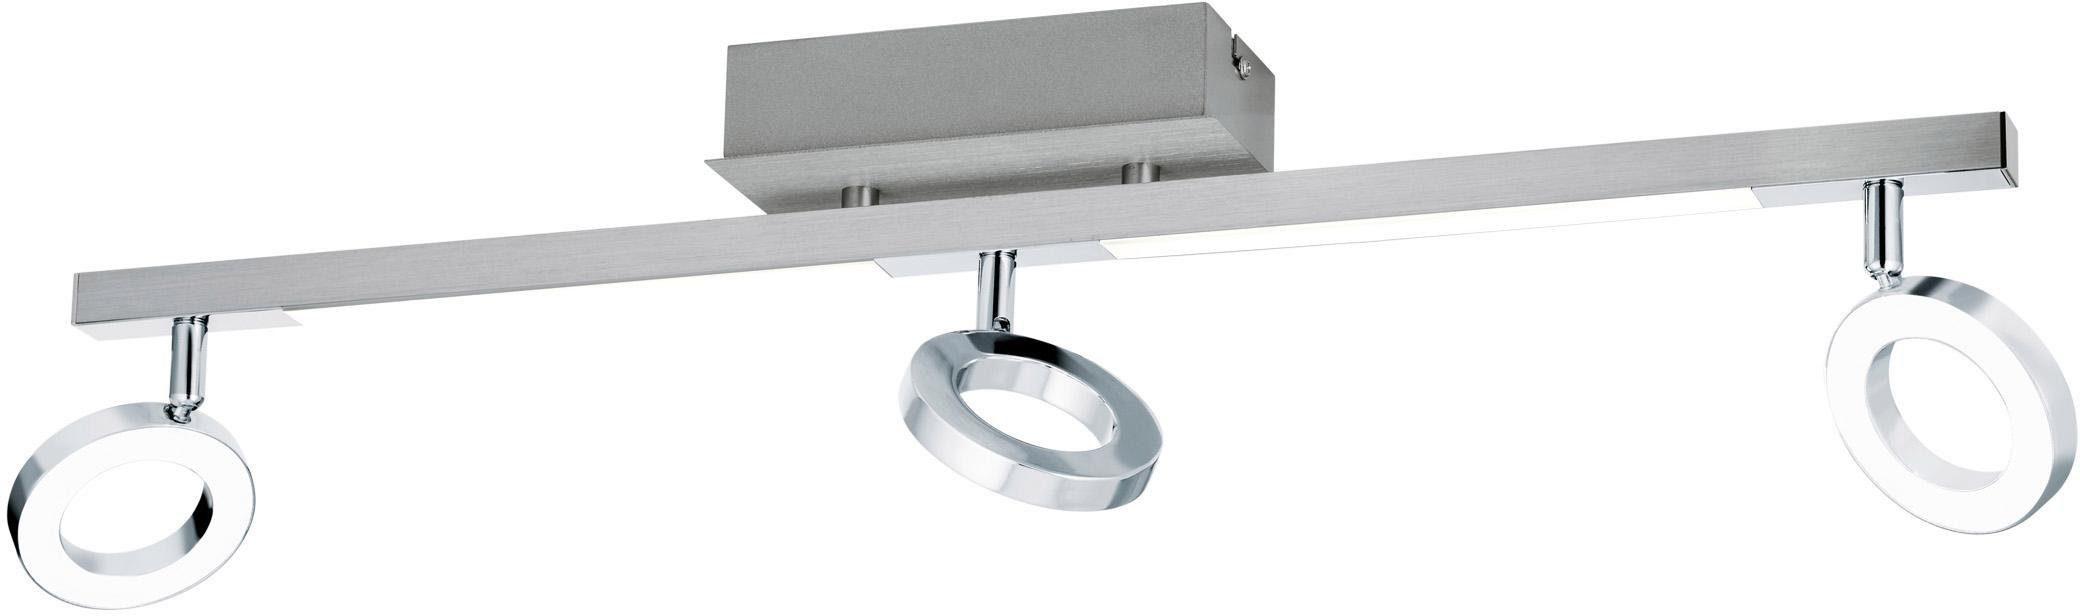 EGLO LED Deckenspots CARDILLIO 1, LED-Board, Warmweiß, LED Deckenleuchte, LED Deckenlampe